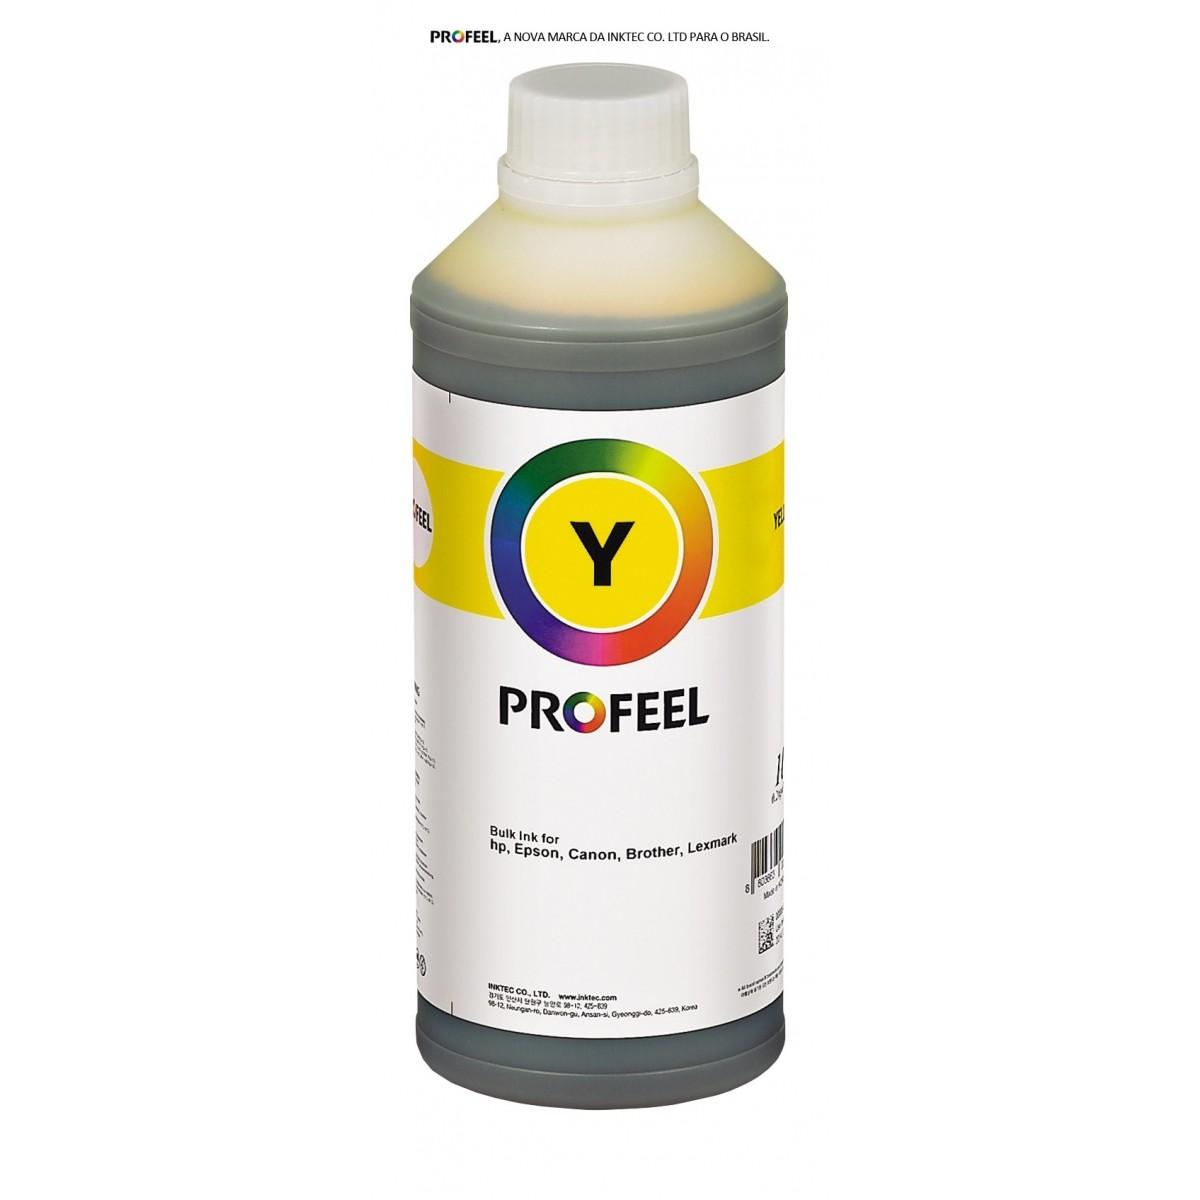 Tinta pigmentada InkTec Profeel modelo H5971-01LY | Frasco de 1 litro | Cor : Amarela